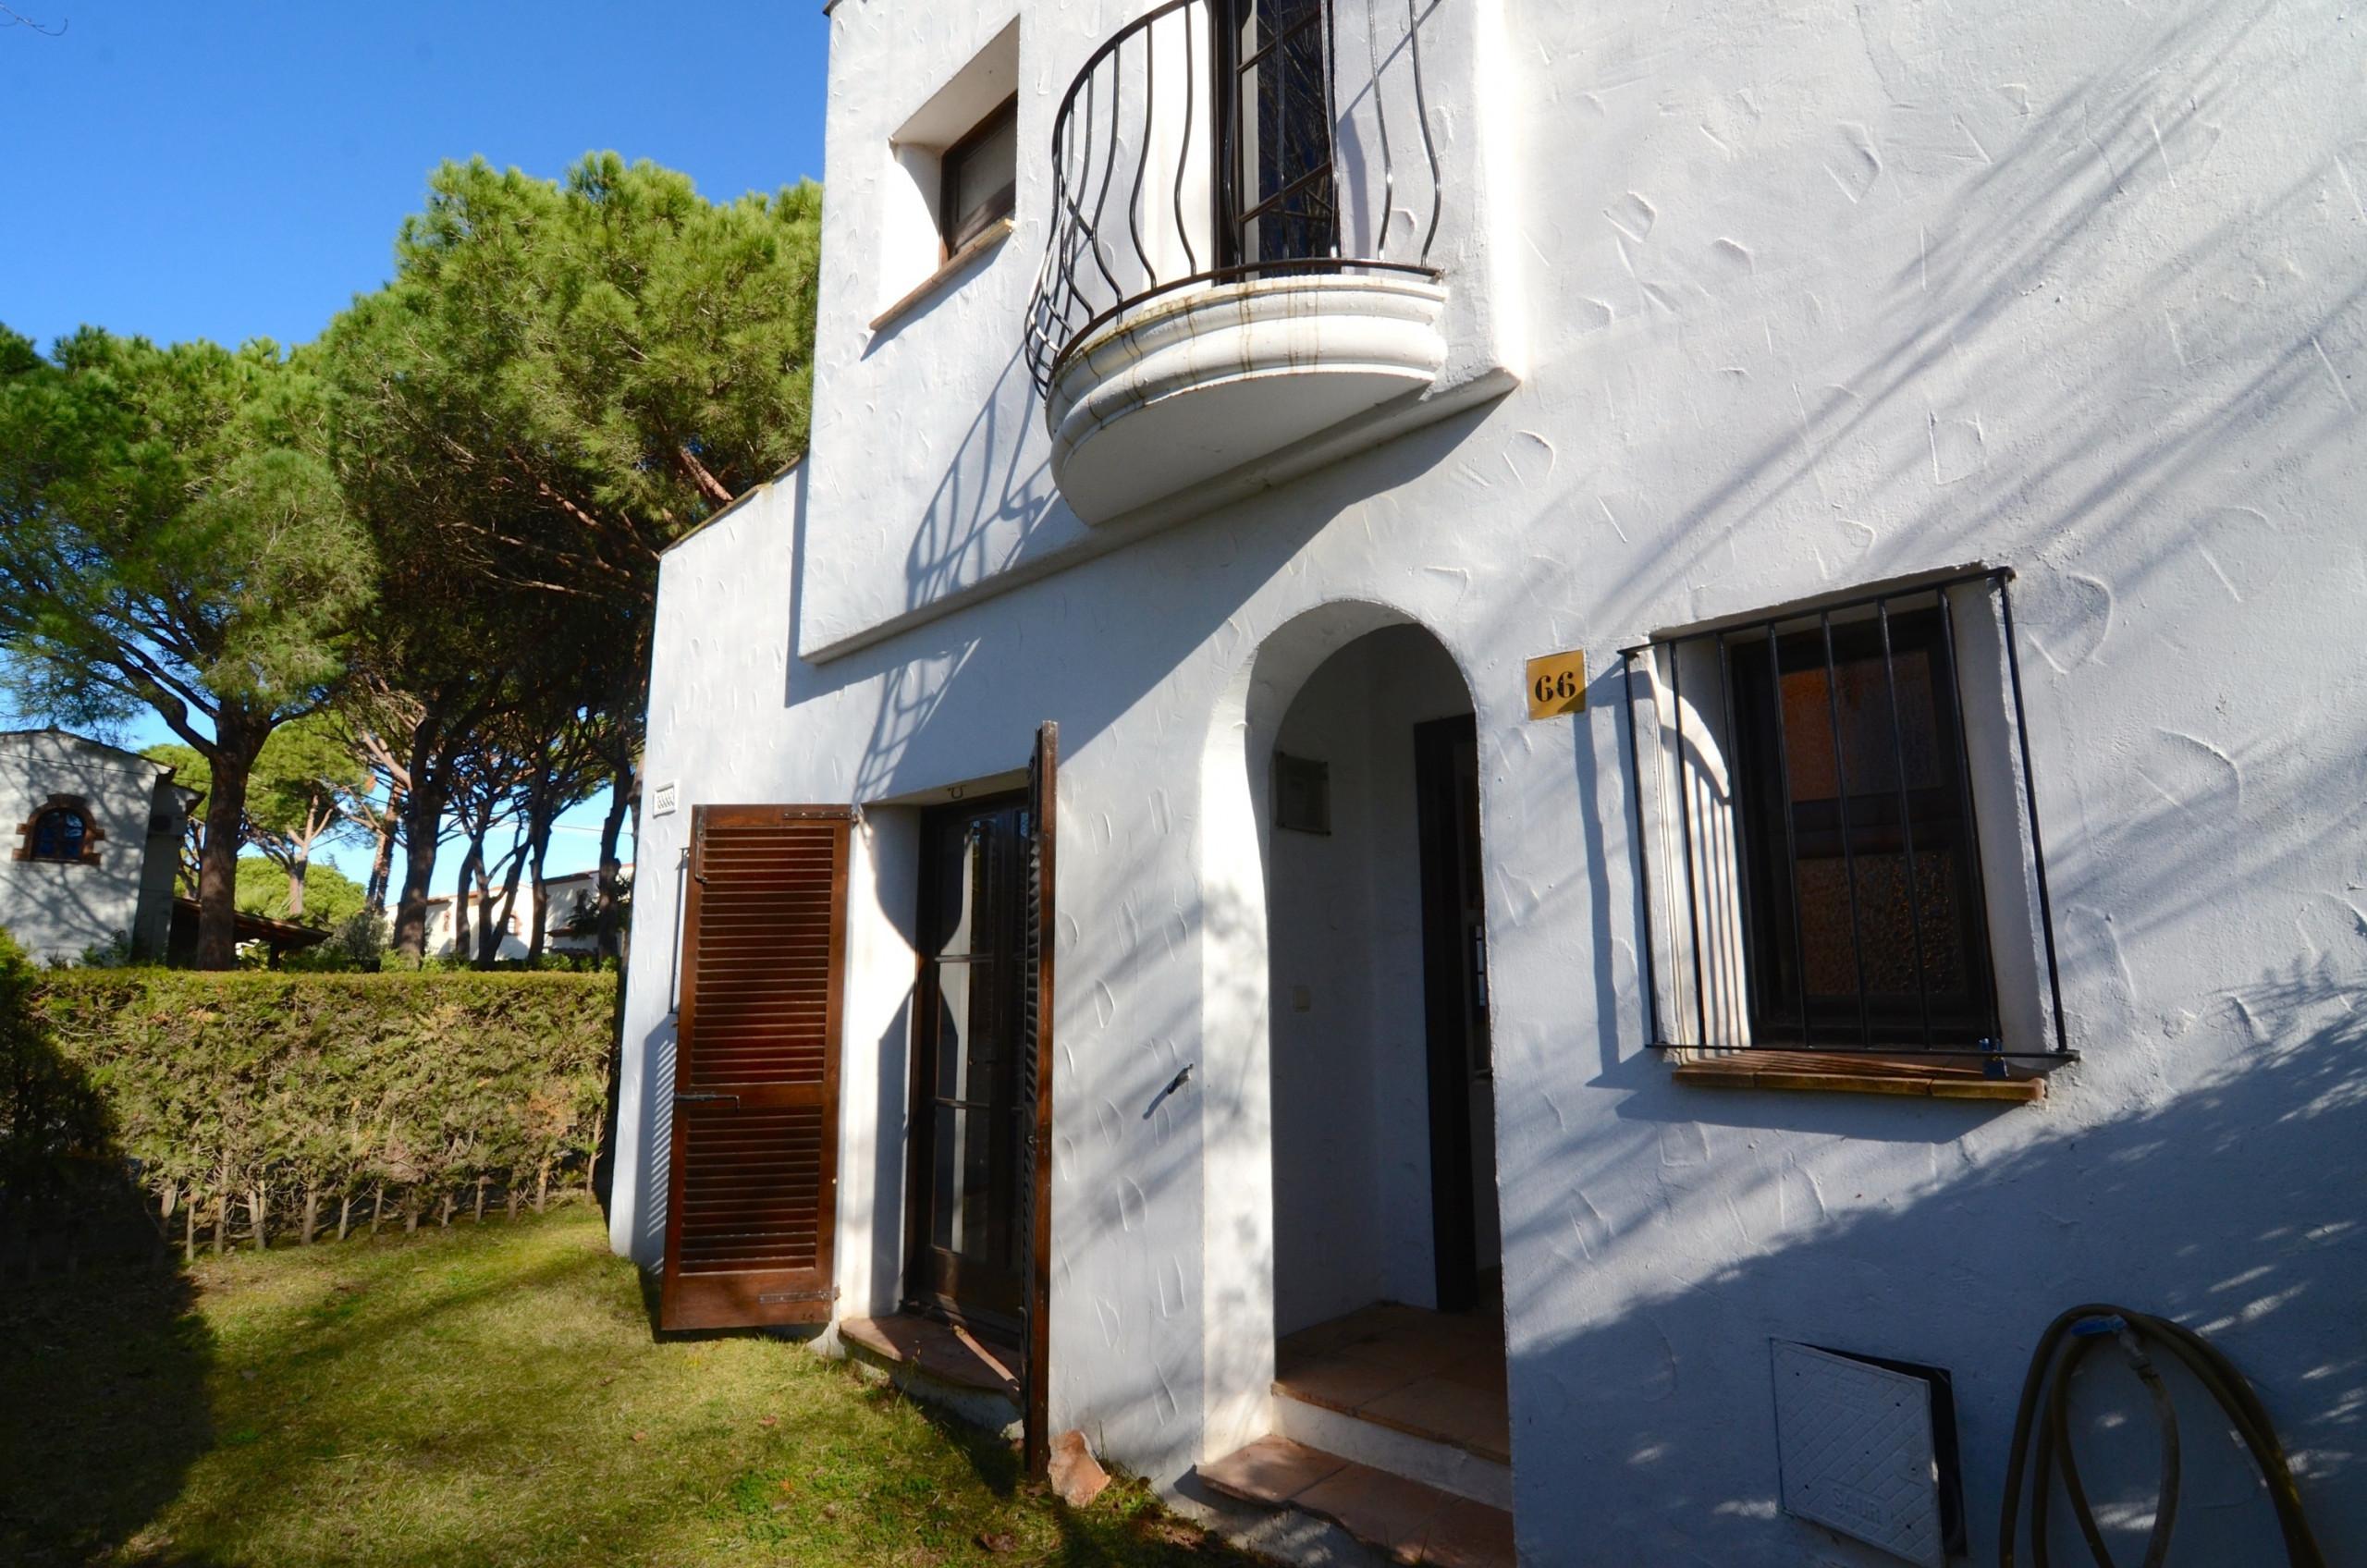 Ferienhaus PIVERD GOLF 66 (2362084), Pals, Costa Brava, Katalonien, Spanien, Bild 7